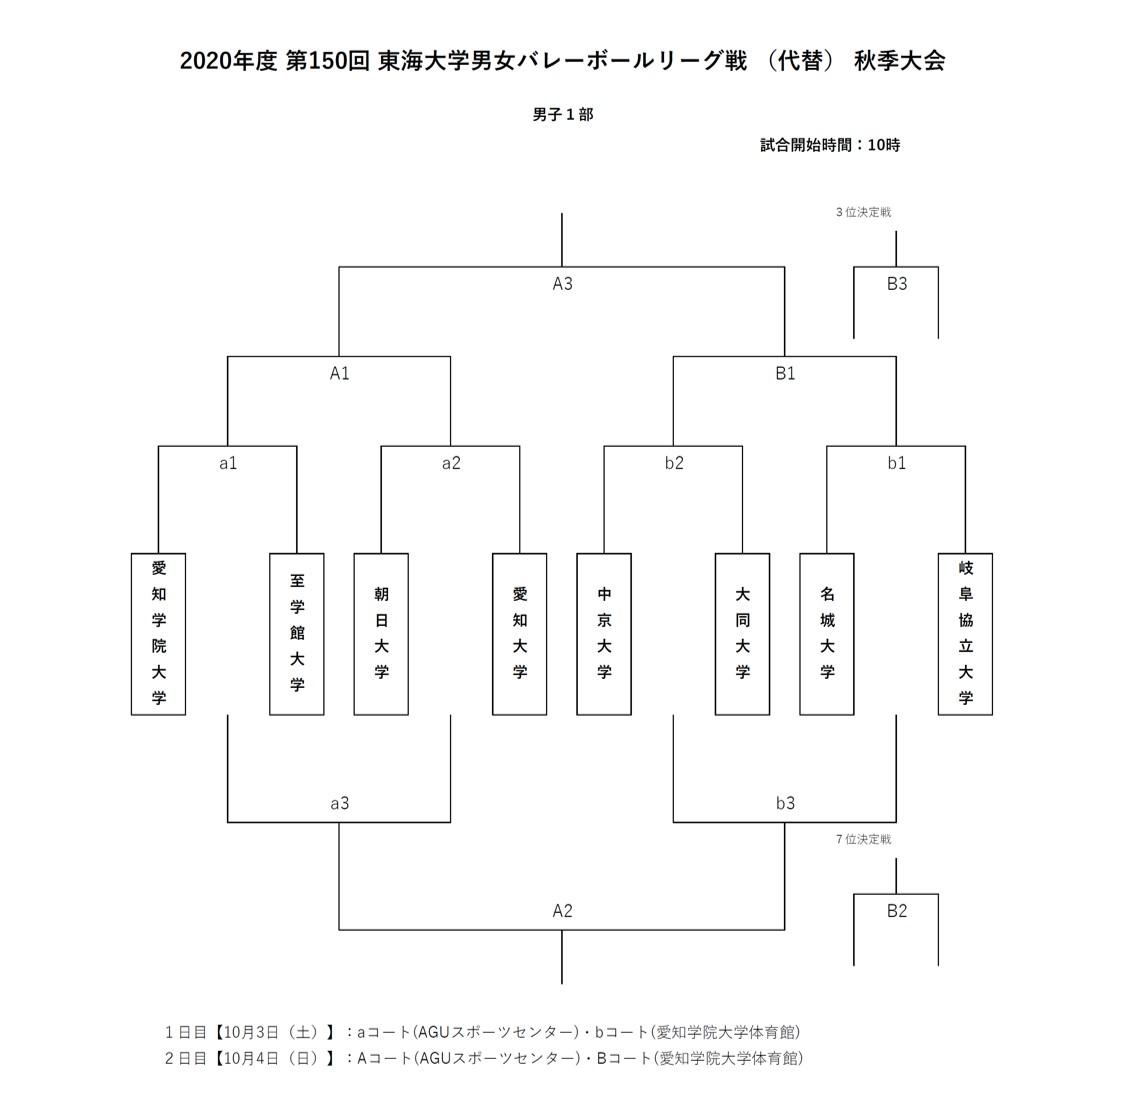 2020年度_東海大学バレーボール_秋季リーグ_男子1部_組合せ